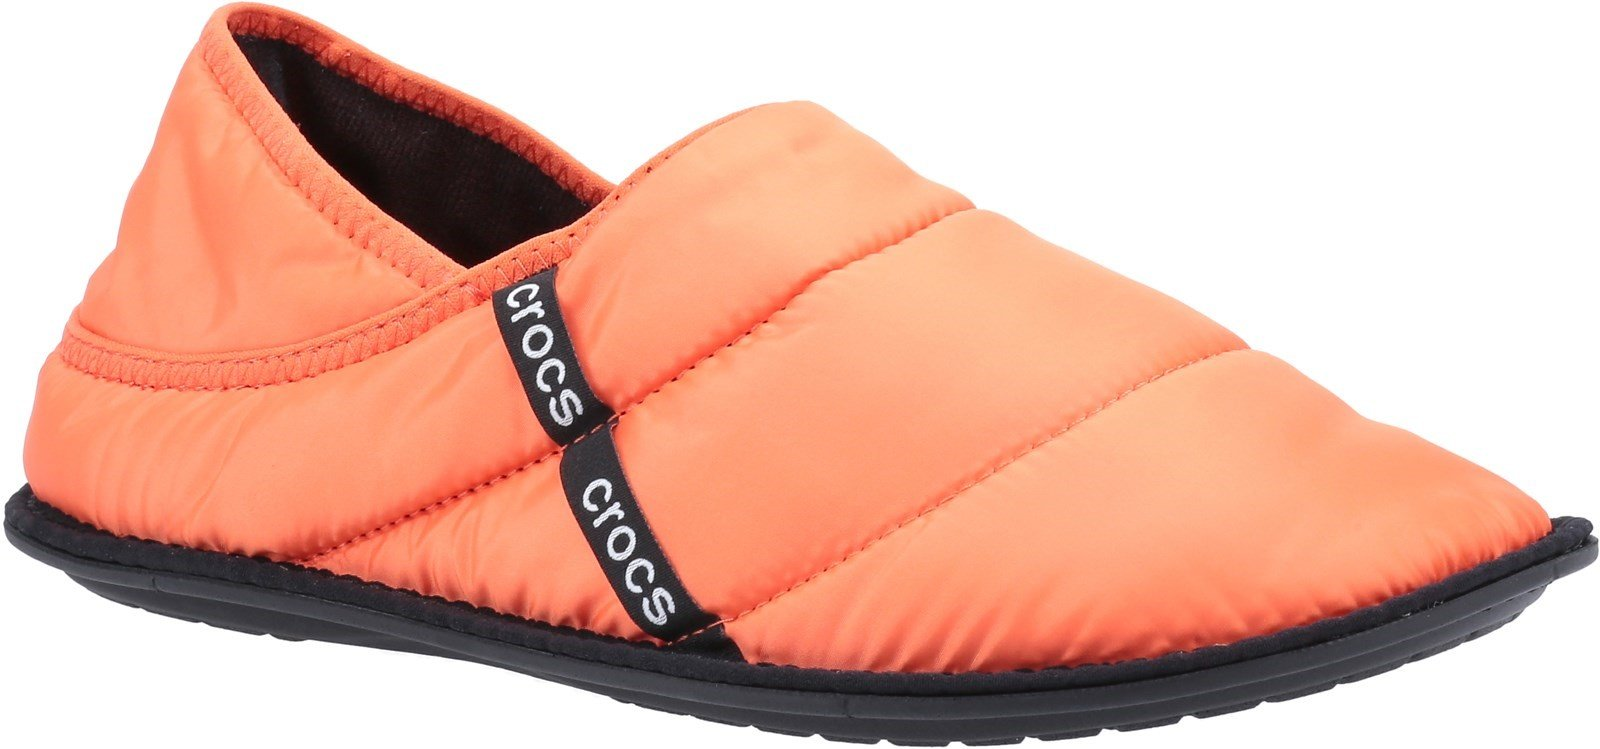 Crocs Unisex Neo Puff Slipper Various Colours 31449 - Orange 3